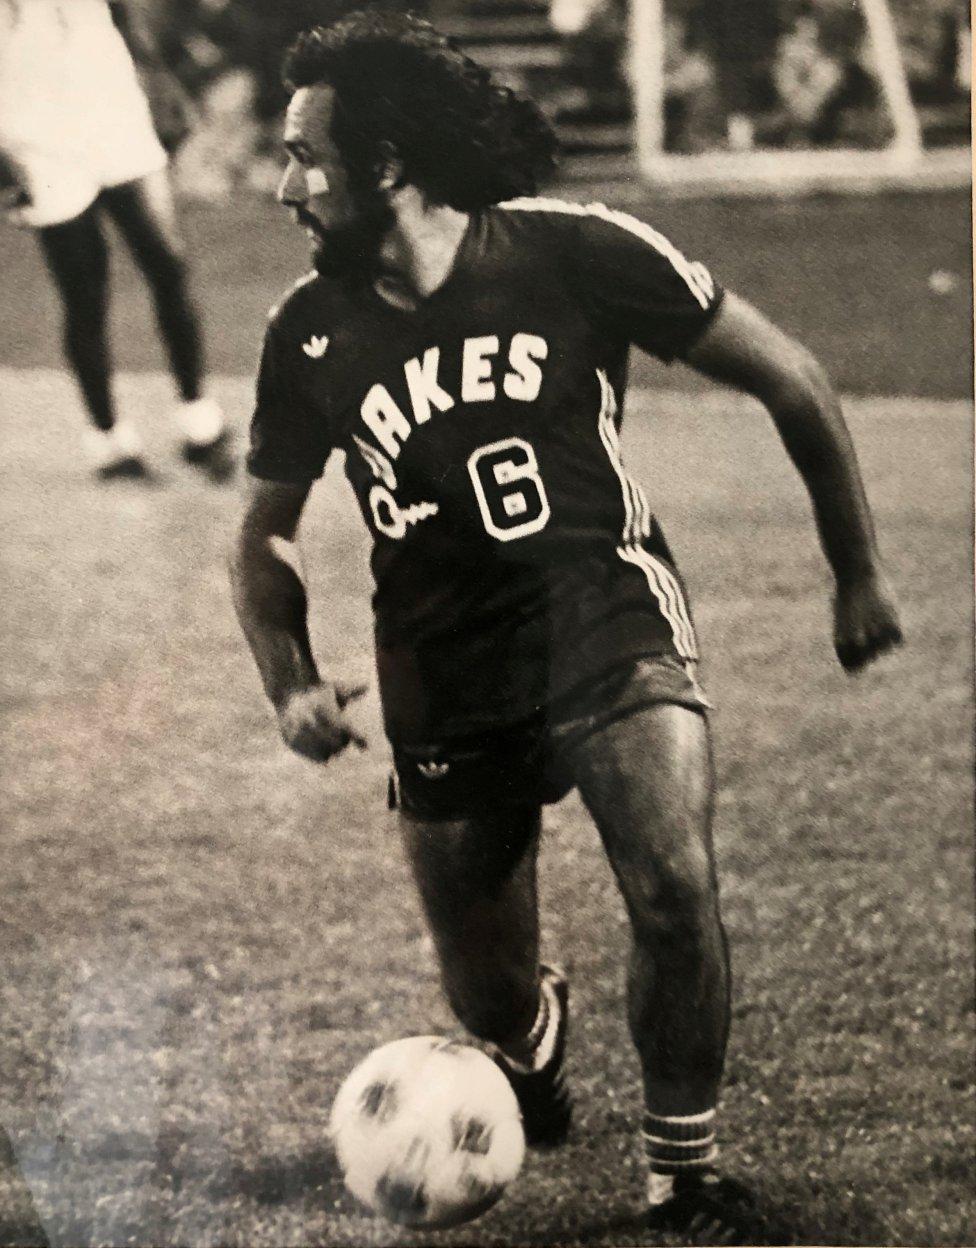 Mani Hernández conduce el balón en un partido con el San José Earthquakes. Siempre llevó el dorsal 6 en los 'Quakes' y su camiseta está muy cotizada entre los coleccionistas. El extremo expañolo muestra en esta foro un look con pelo largo y barba.